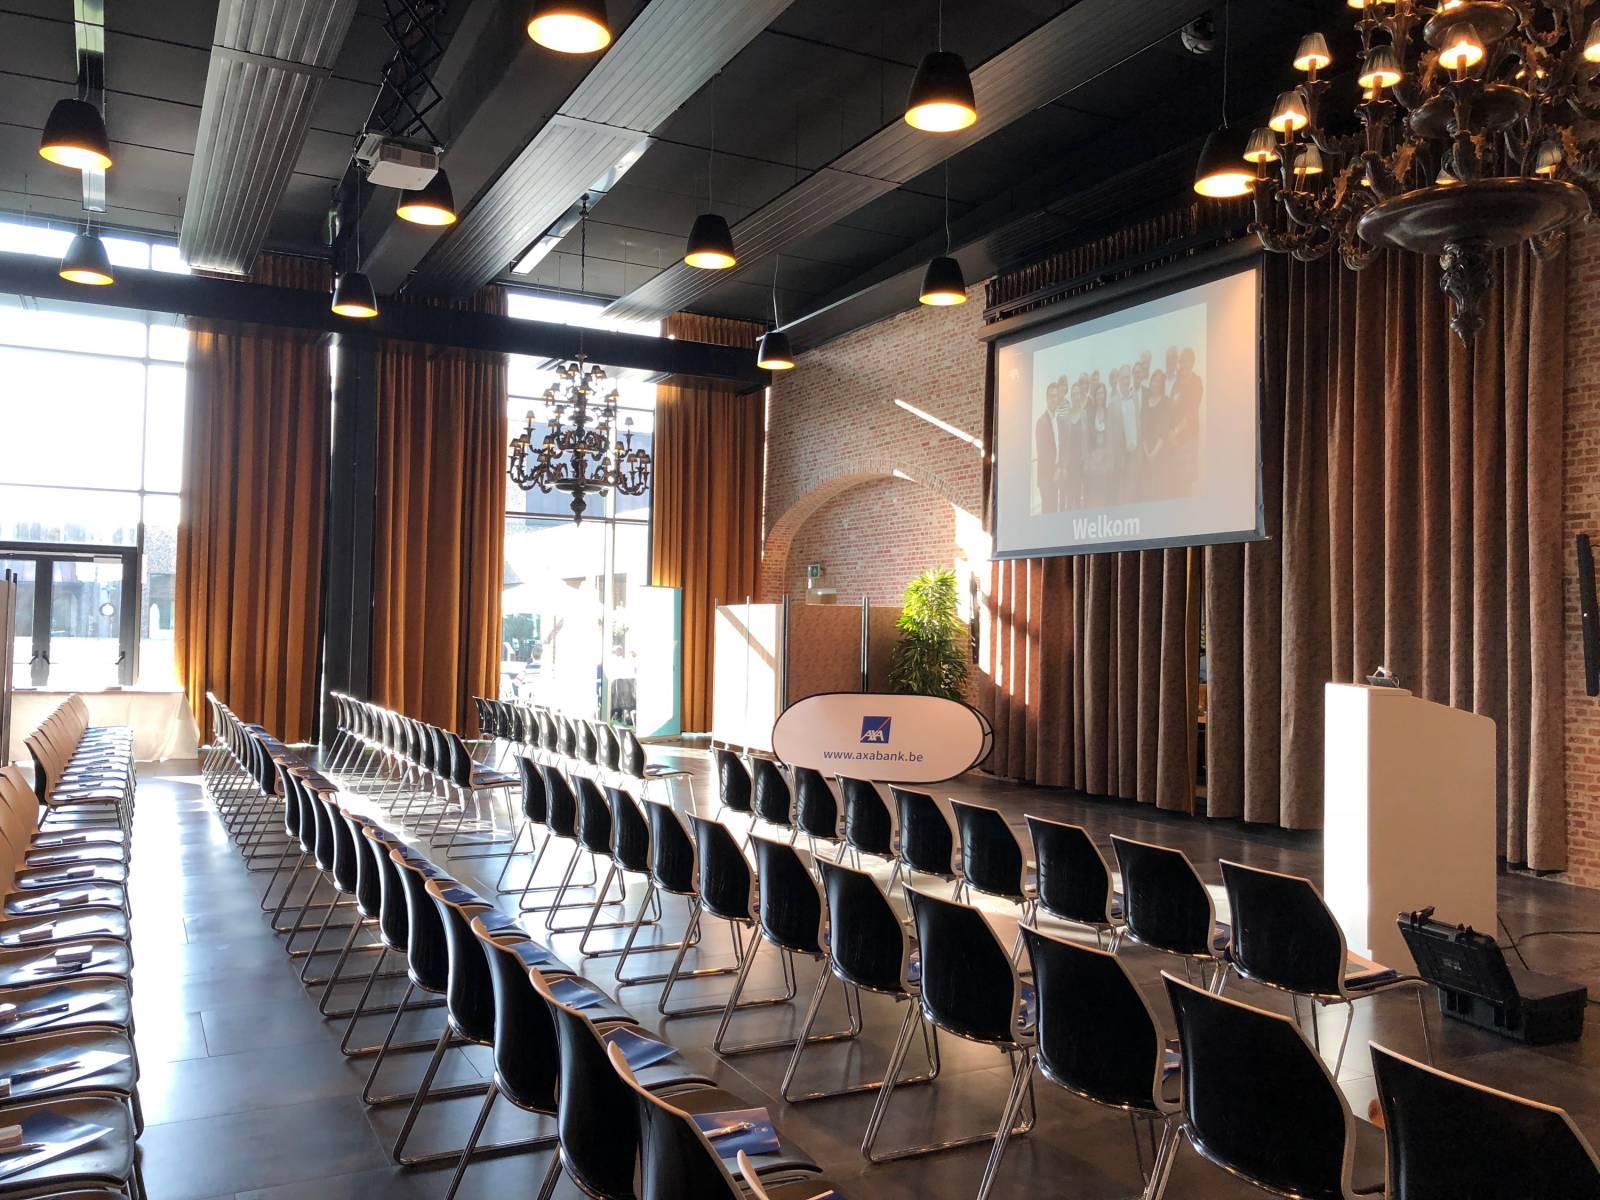 Het Bierkasteel - Feestzaal - Feestlocatie - Brouwerij - Restaurant - Industrieel - Izegem (West-Vlaanderen) - House of Events - 20